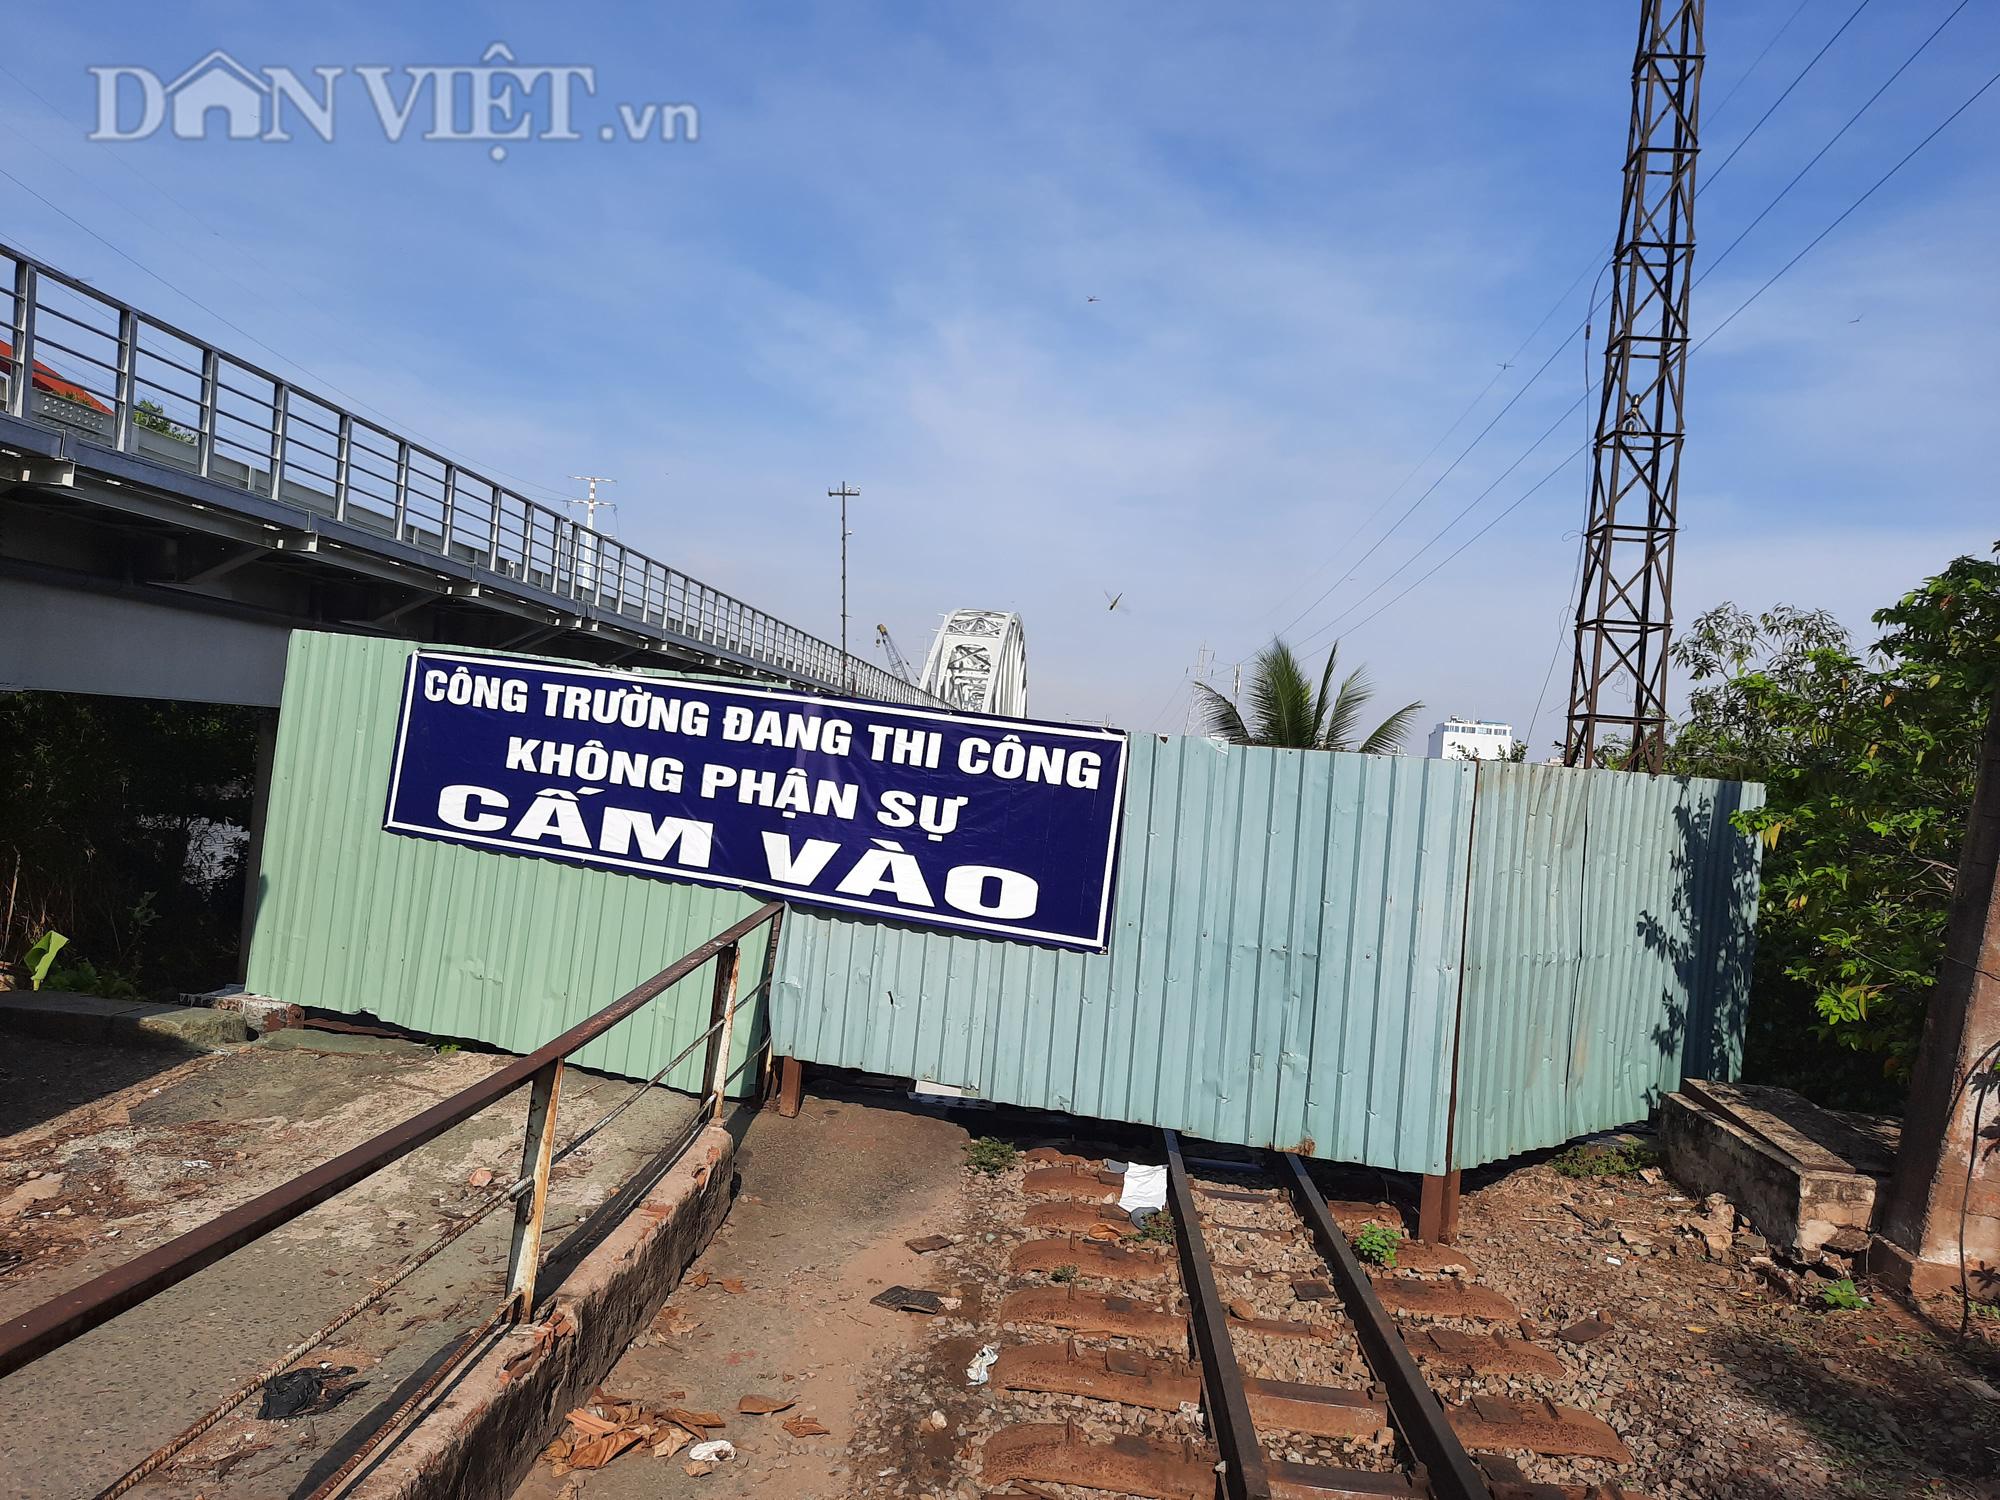 Hết ùn tắc giao thông đường thủy tại cầu sắt Bình Lợi - Ảnh 3.